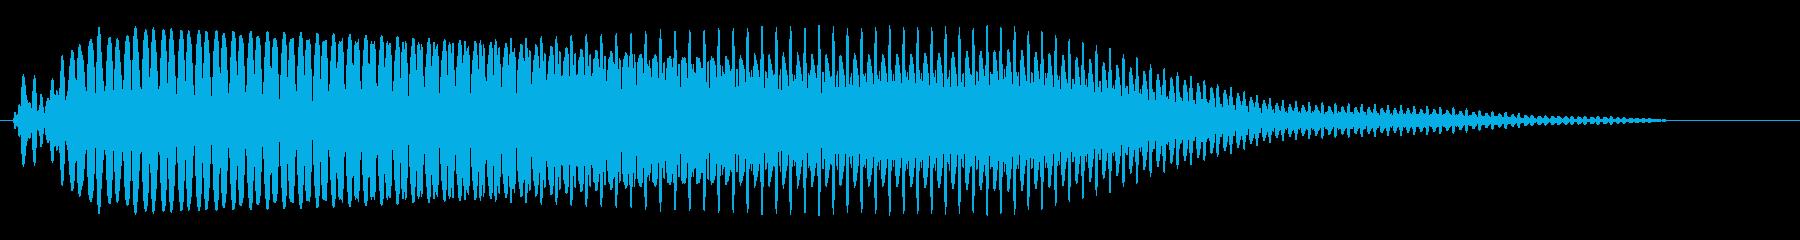 バイクのアクセルを踏んだときの音の再生済みの波形